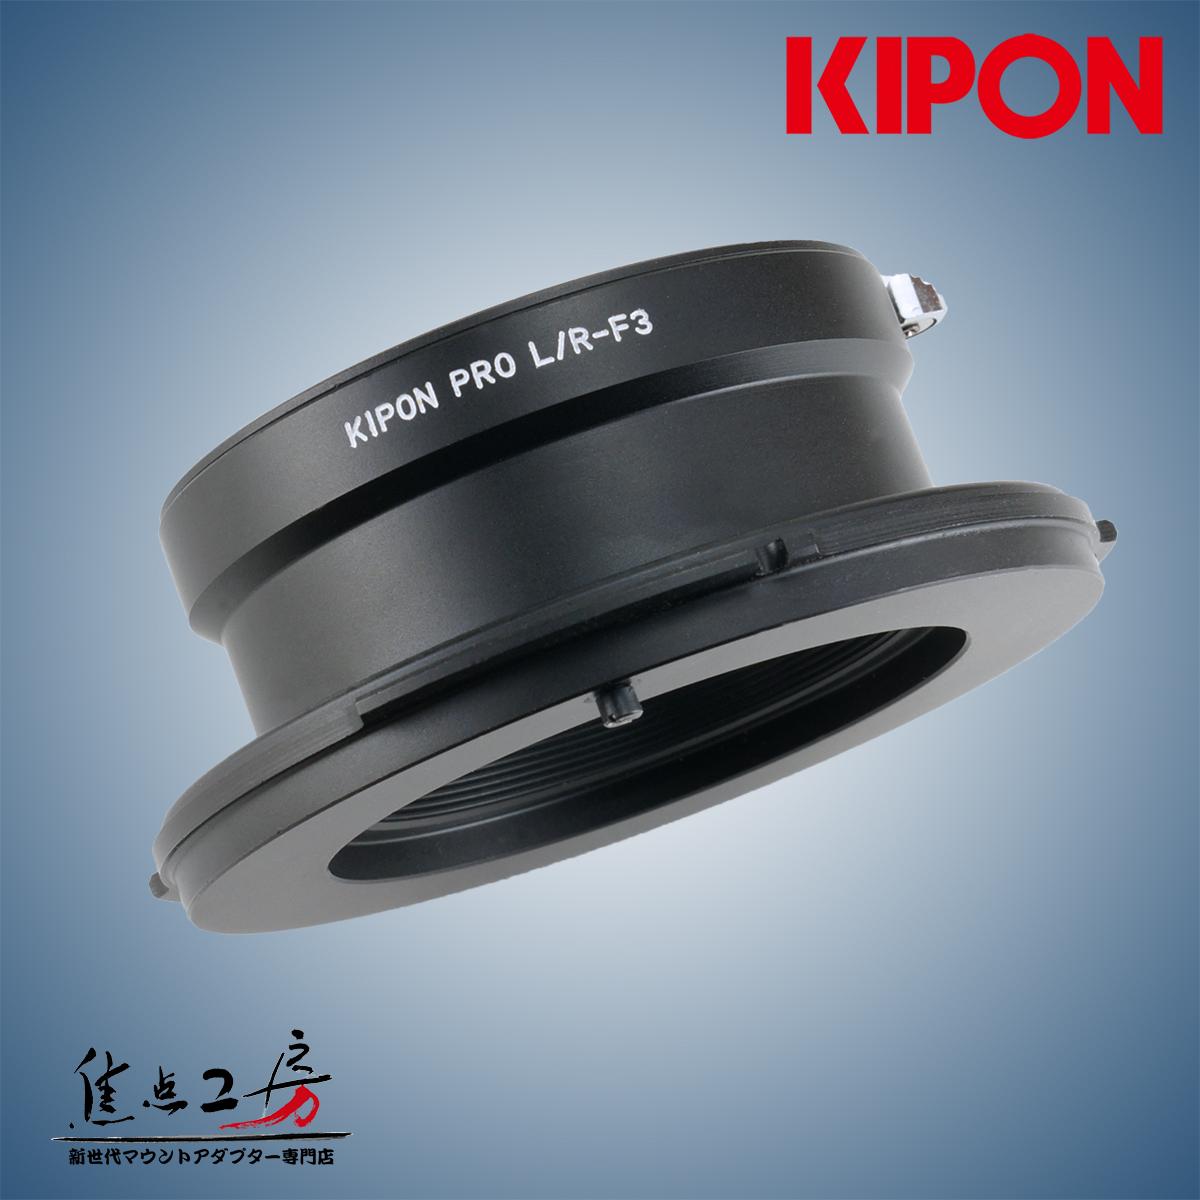 KIPON L/R-FZ (L/R-F3) SONY(ソニー)FZマウントデジタルシネマカムコーダー用 - ライカRマウント